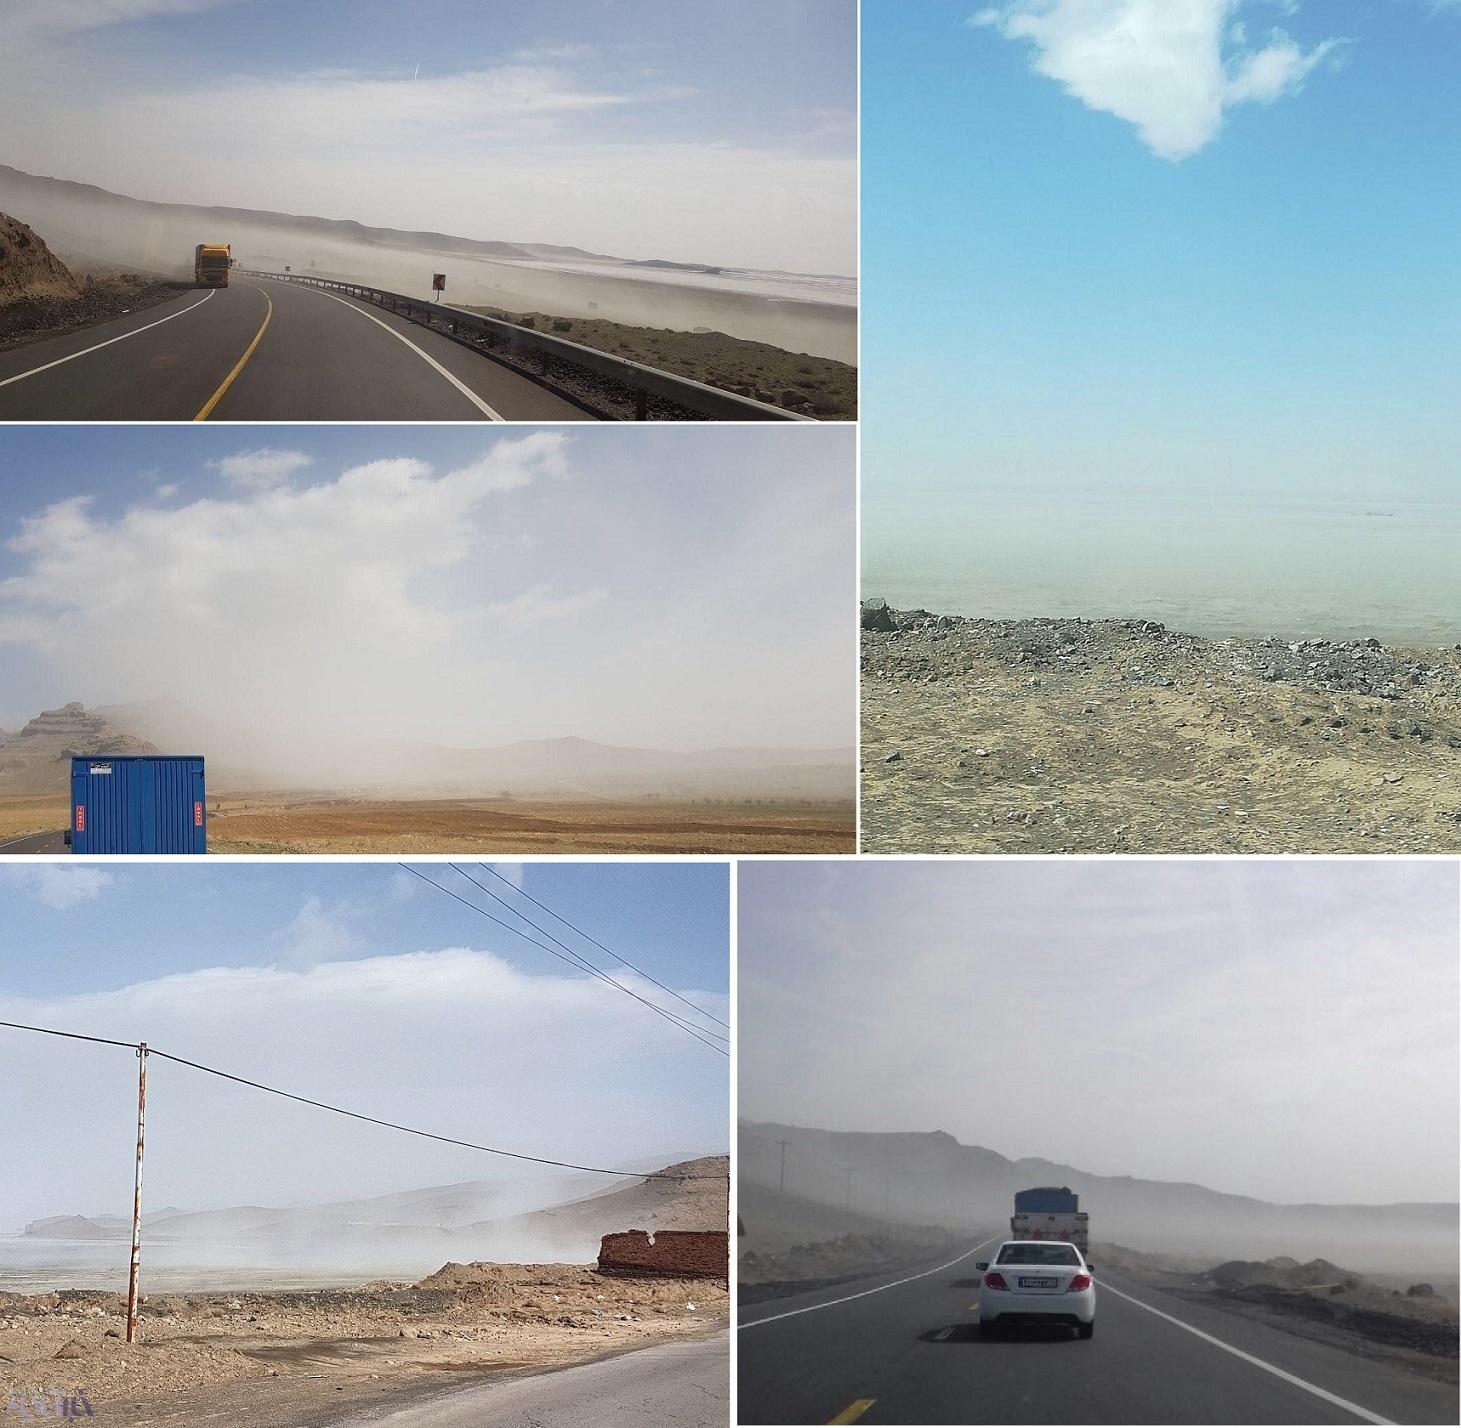 (تصویر) طوفان نمک ارومیه را در نوردید